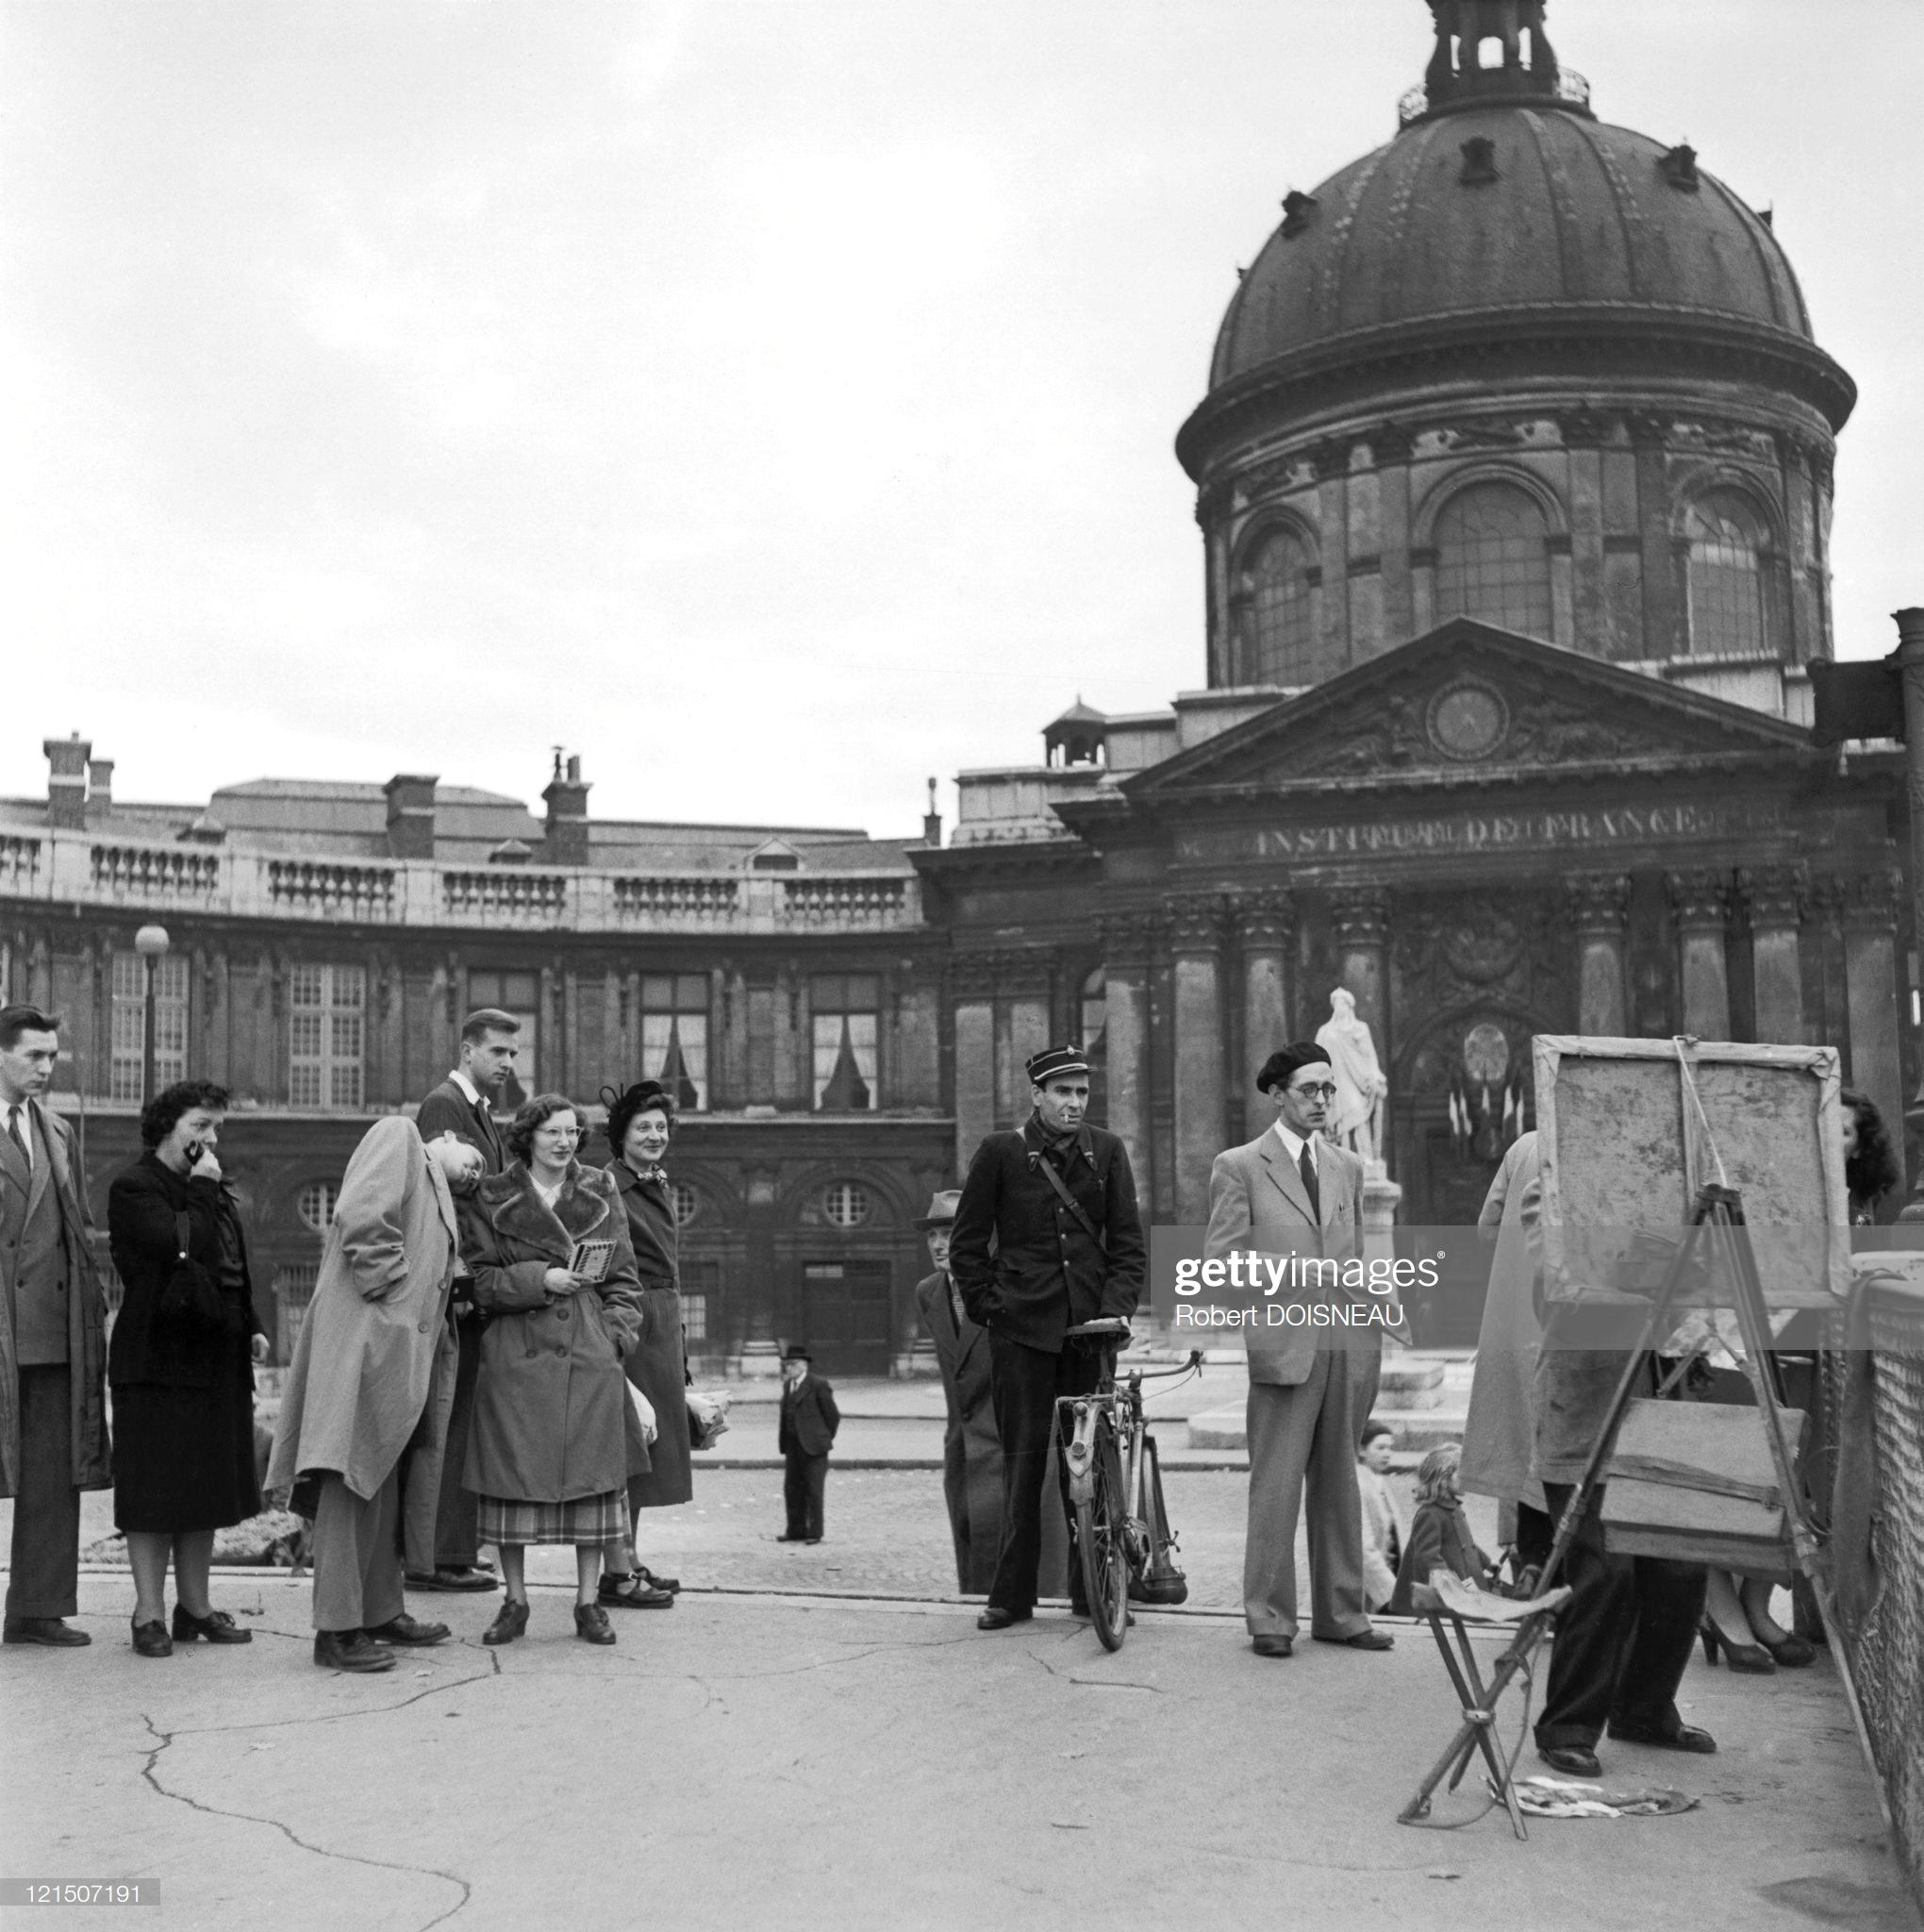 1953. Художник и иллюстратор Даниэль Пипар рисует на Мосту Искусств в Париже